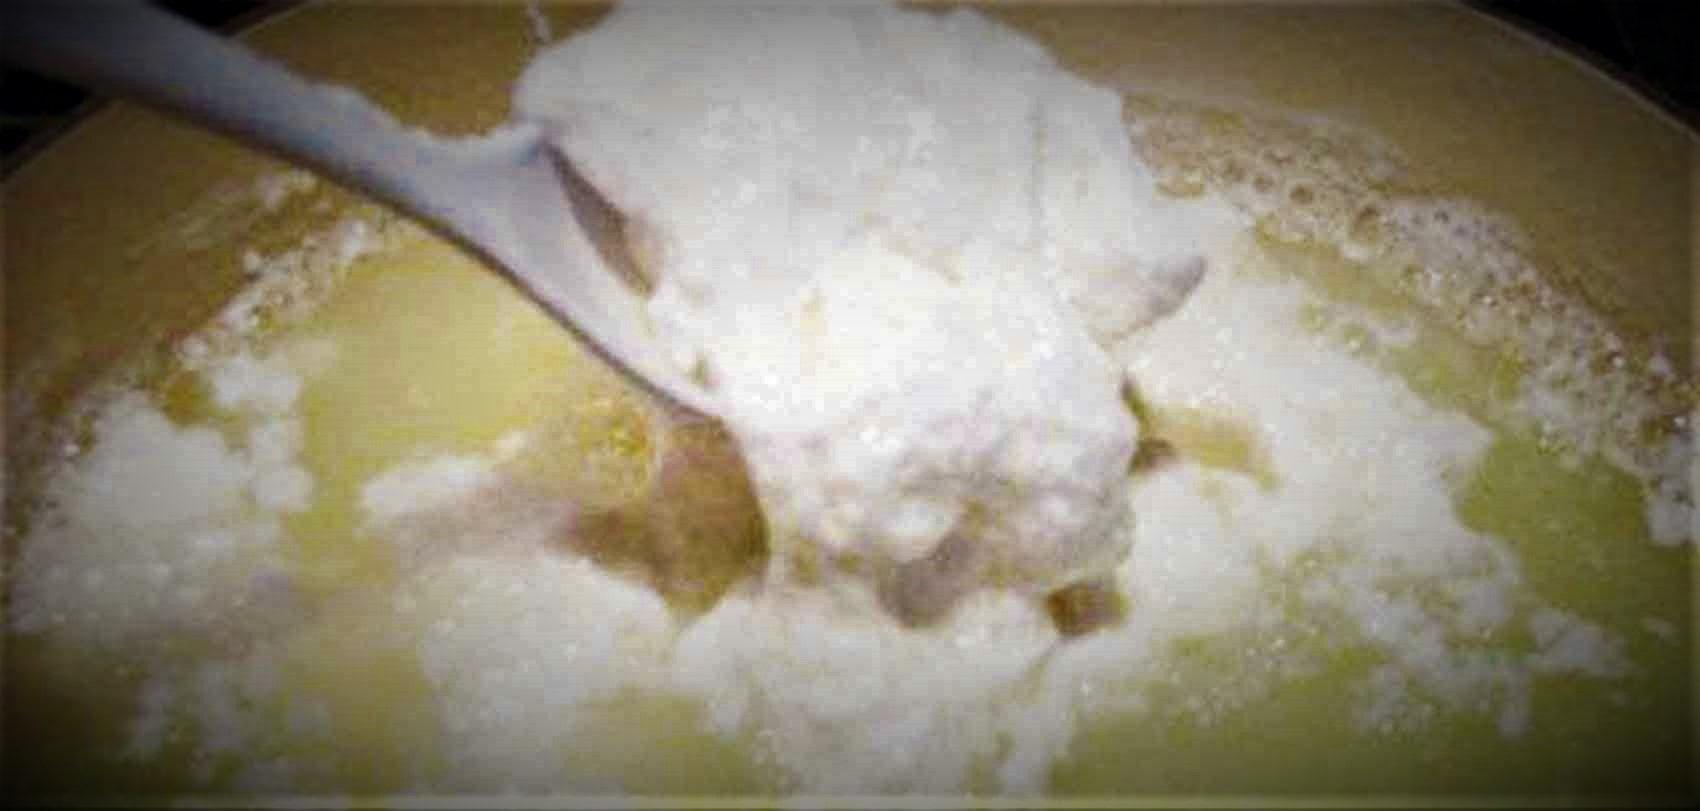 फाटेको दूध अब फ्याक्नु पर्दैन, सुन्दर कपाल र दागरहित छालाका लागि अतिउपयुक्त image